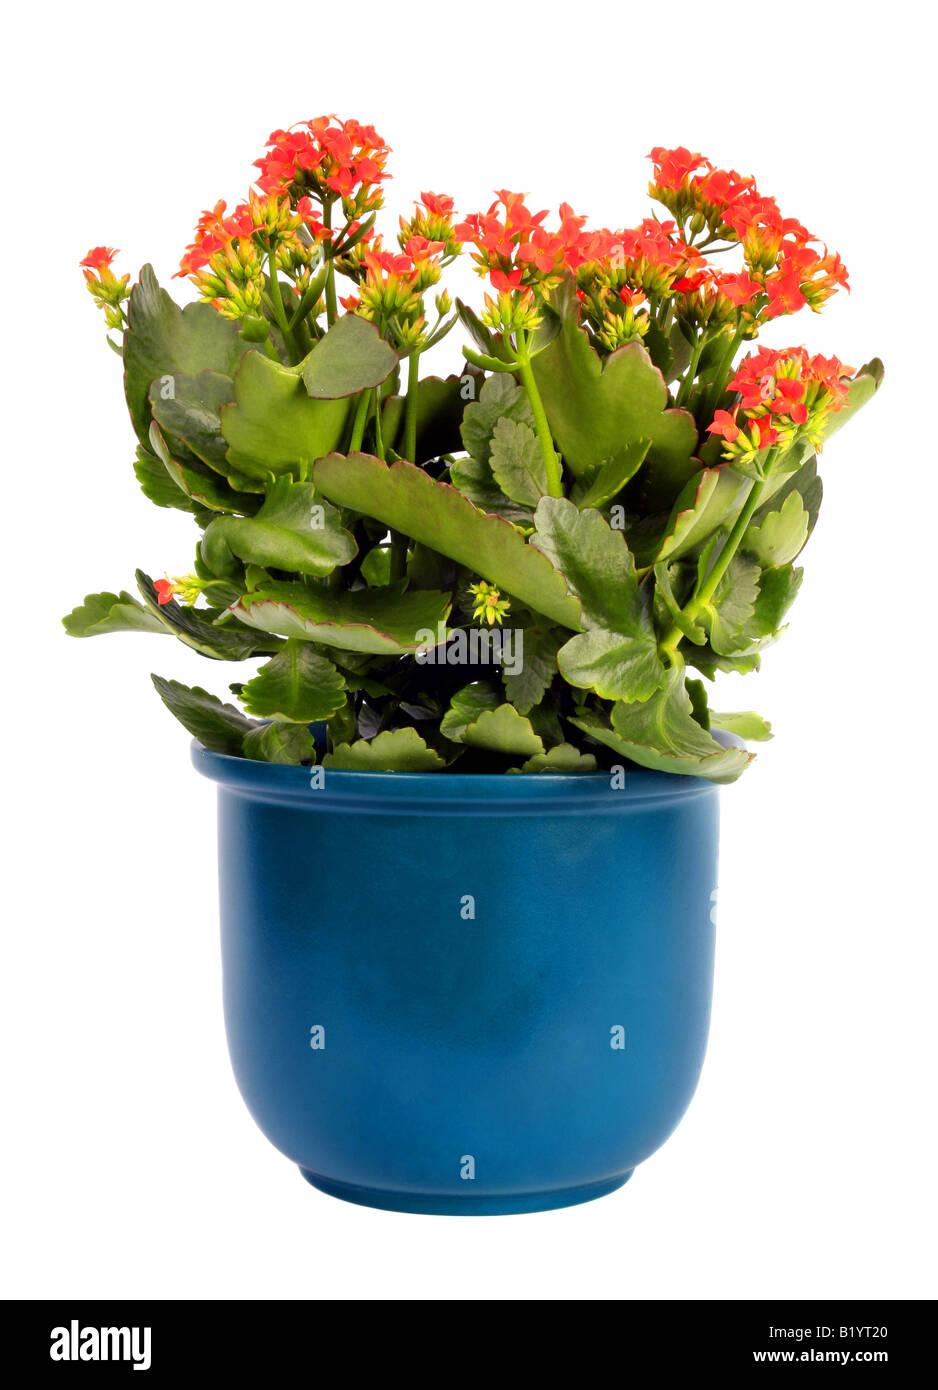 Lieblich Brillante Sterne Flammenden Katy Madagaskar Witwe S Begeistern Kalanchoe  Blossfeldiana Mit Orange Blumen Topfpflanzen Pflanze